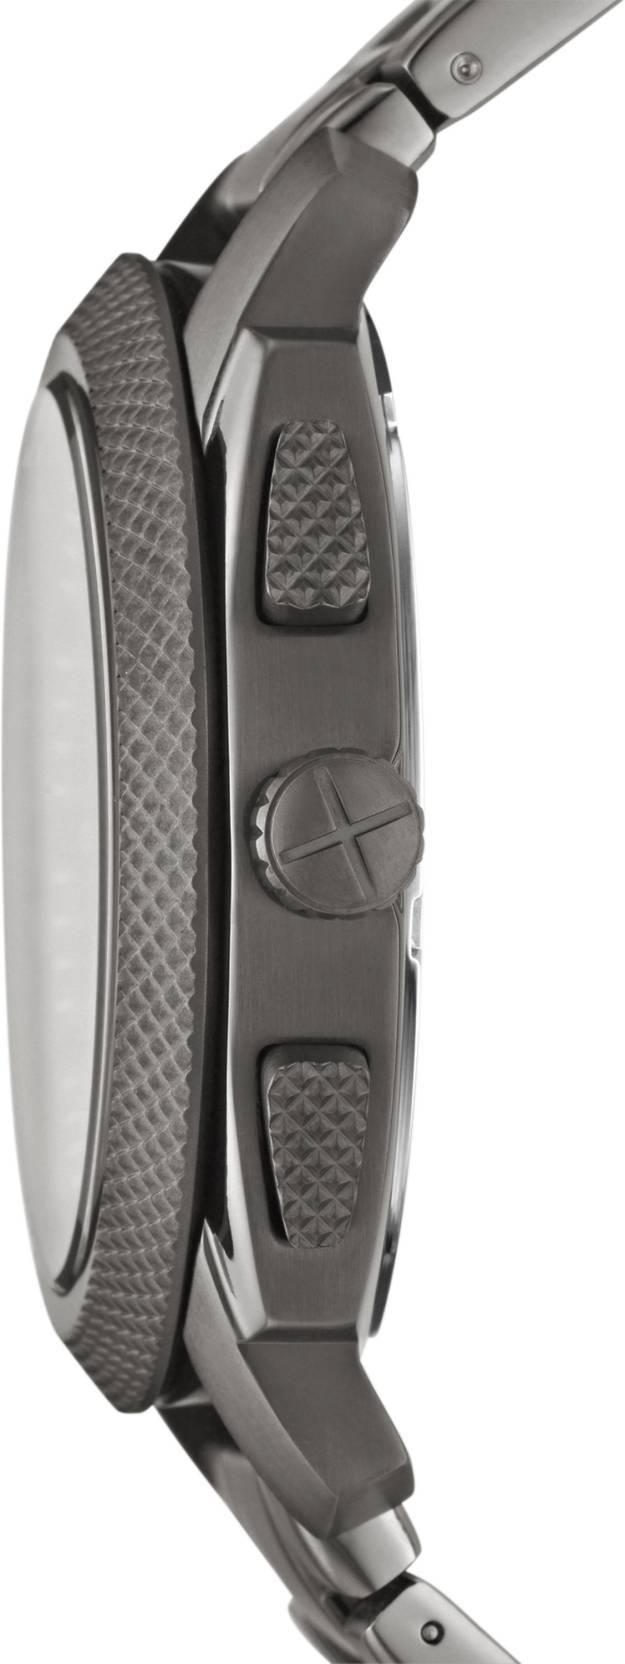 FossilFS4662 MACHINE Watch - For Men & Women